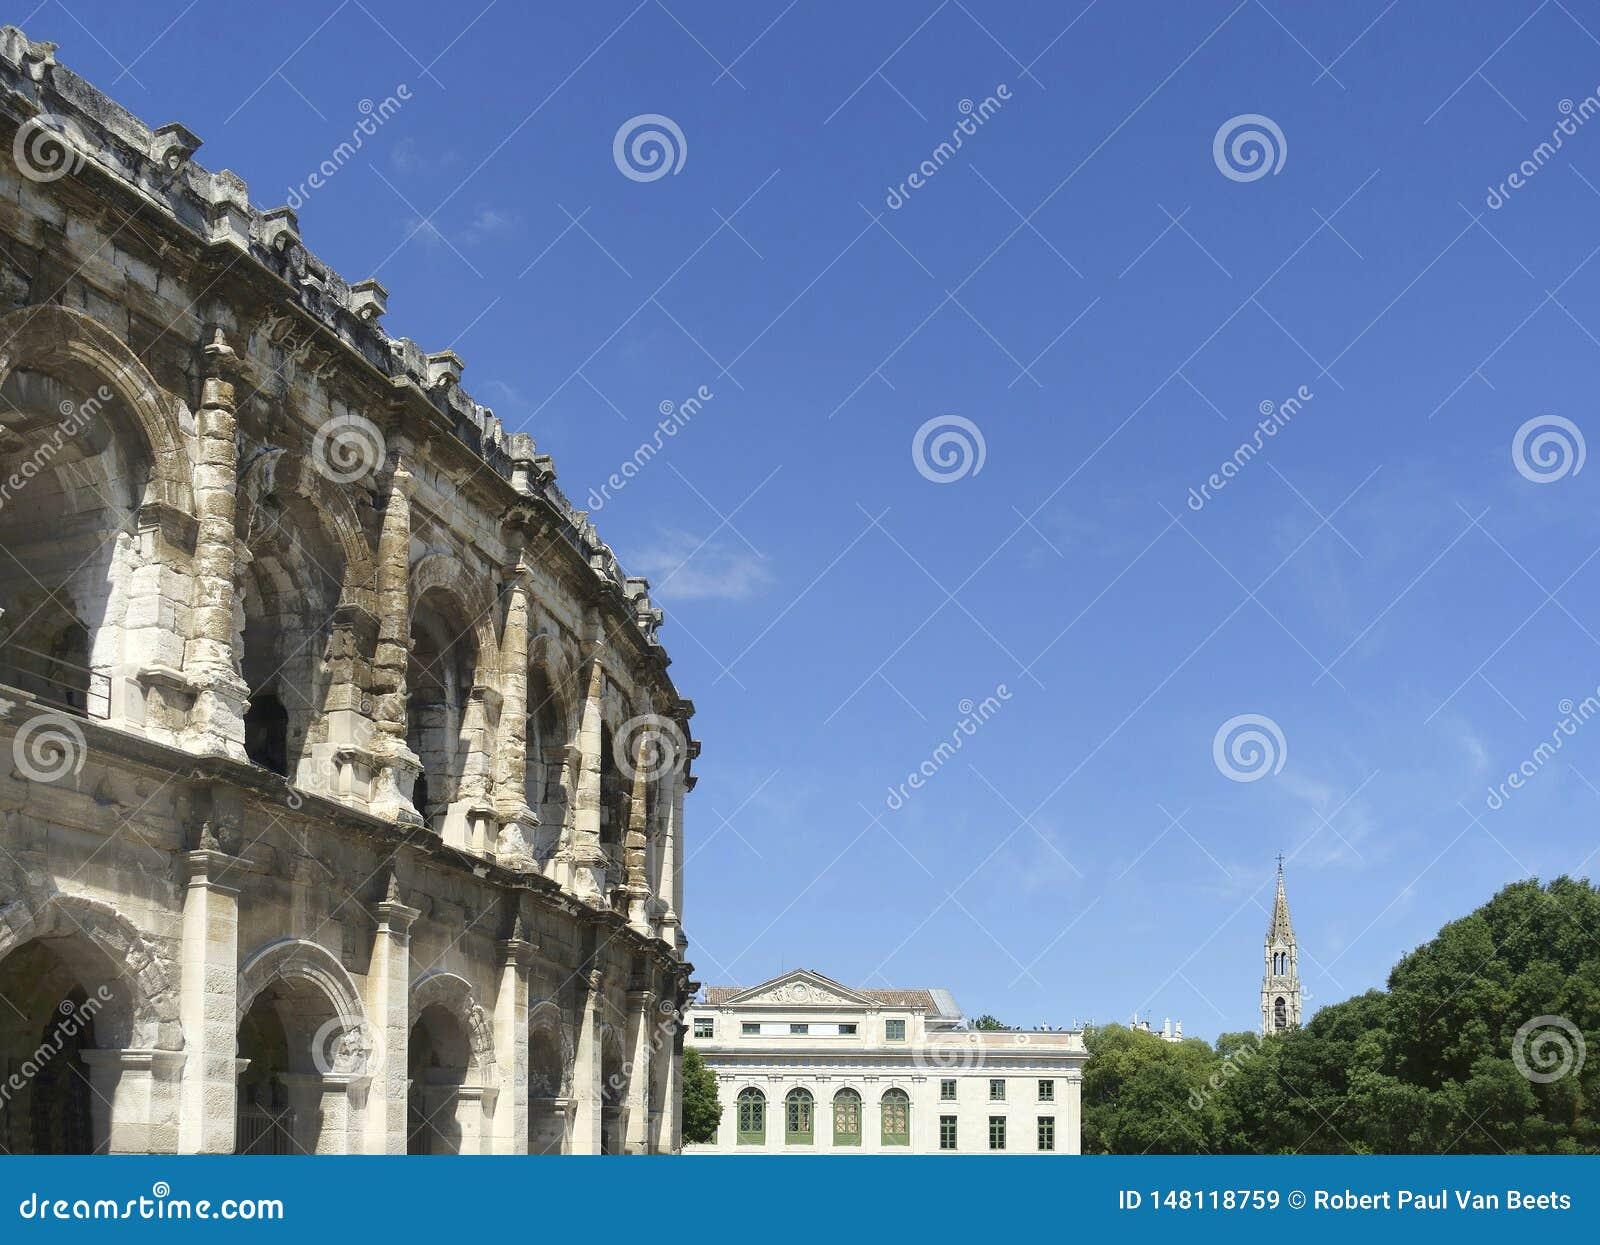 Vista na arena de Nimes, anfiteatro romano em França